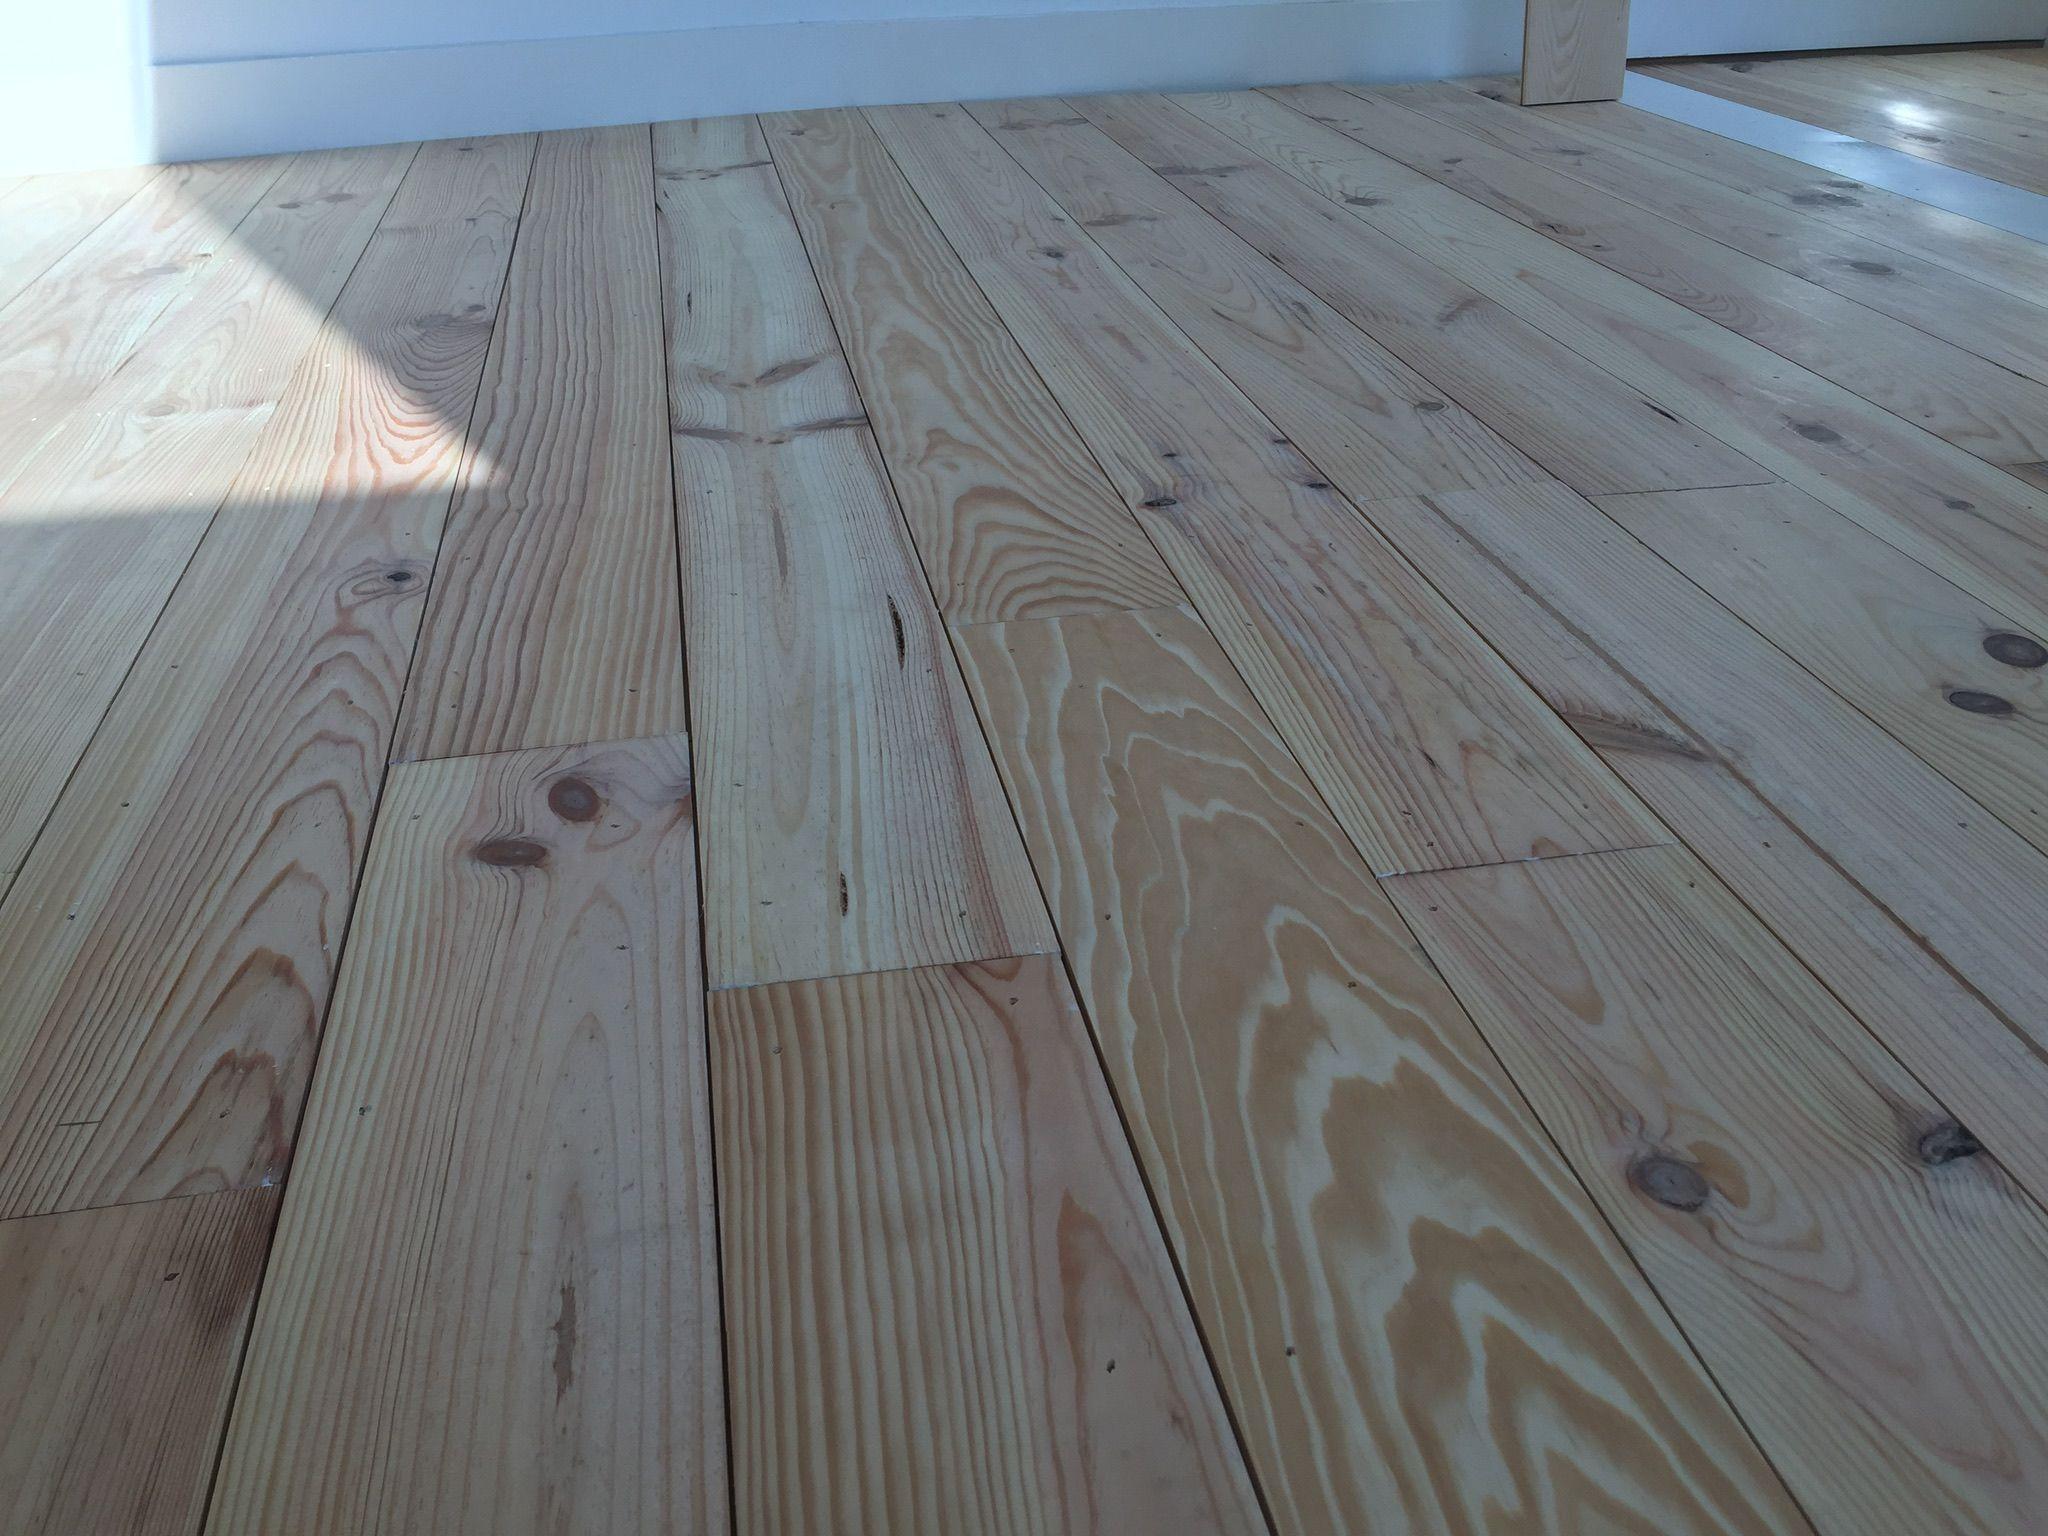 Oude Grenen Vloer : Smalle grenen vloer planken zonder velling gelegd met kier zodat